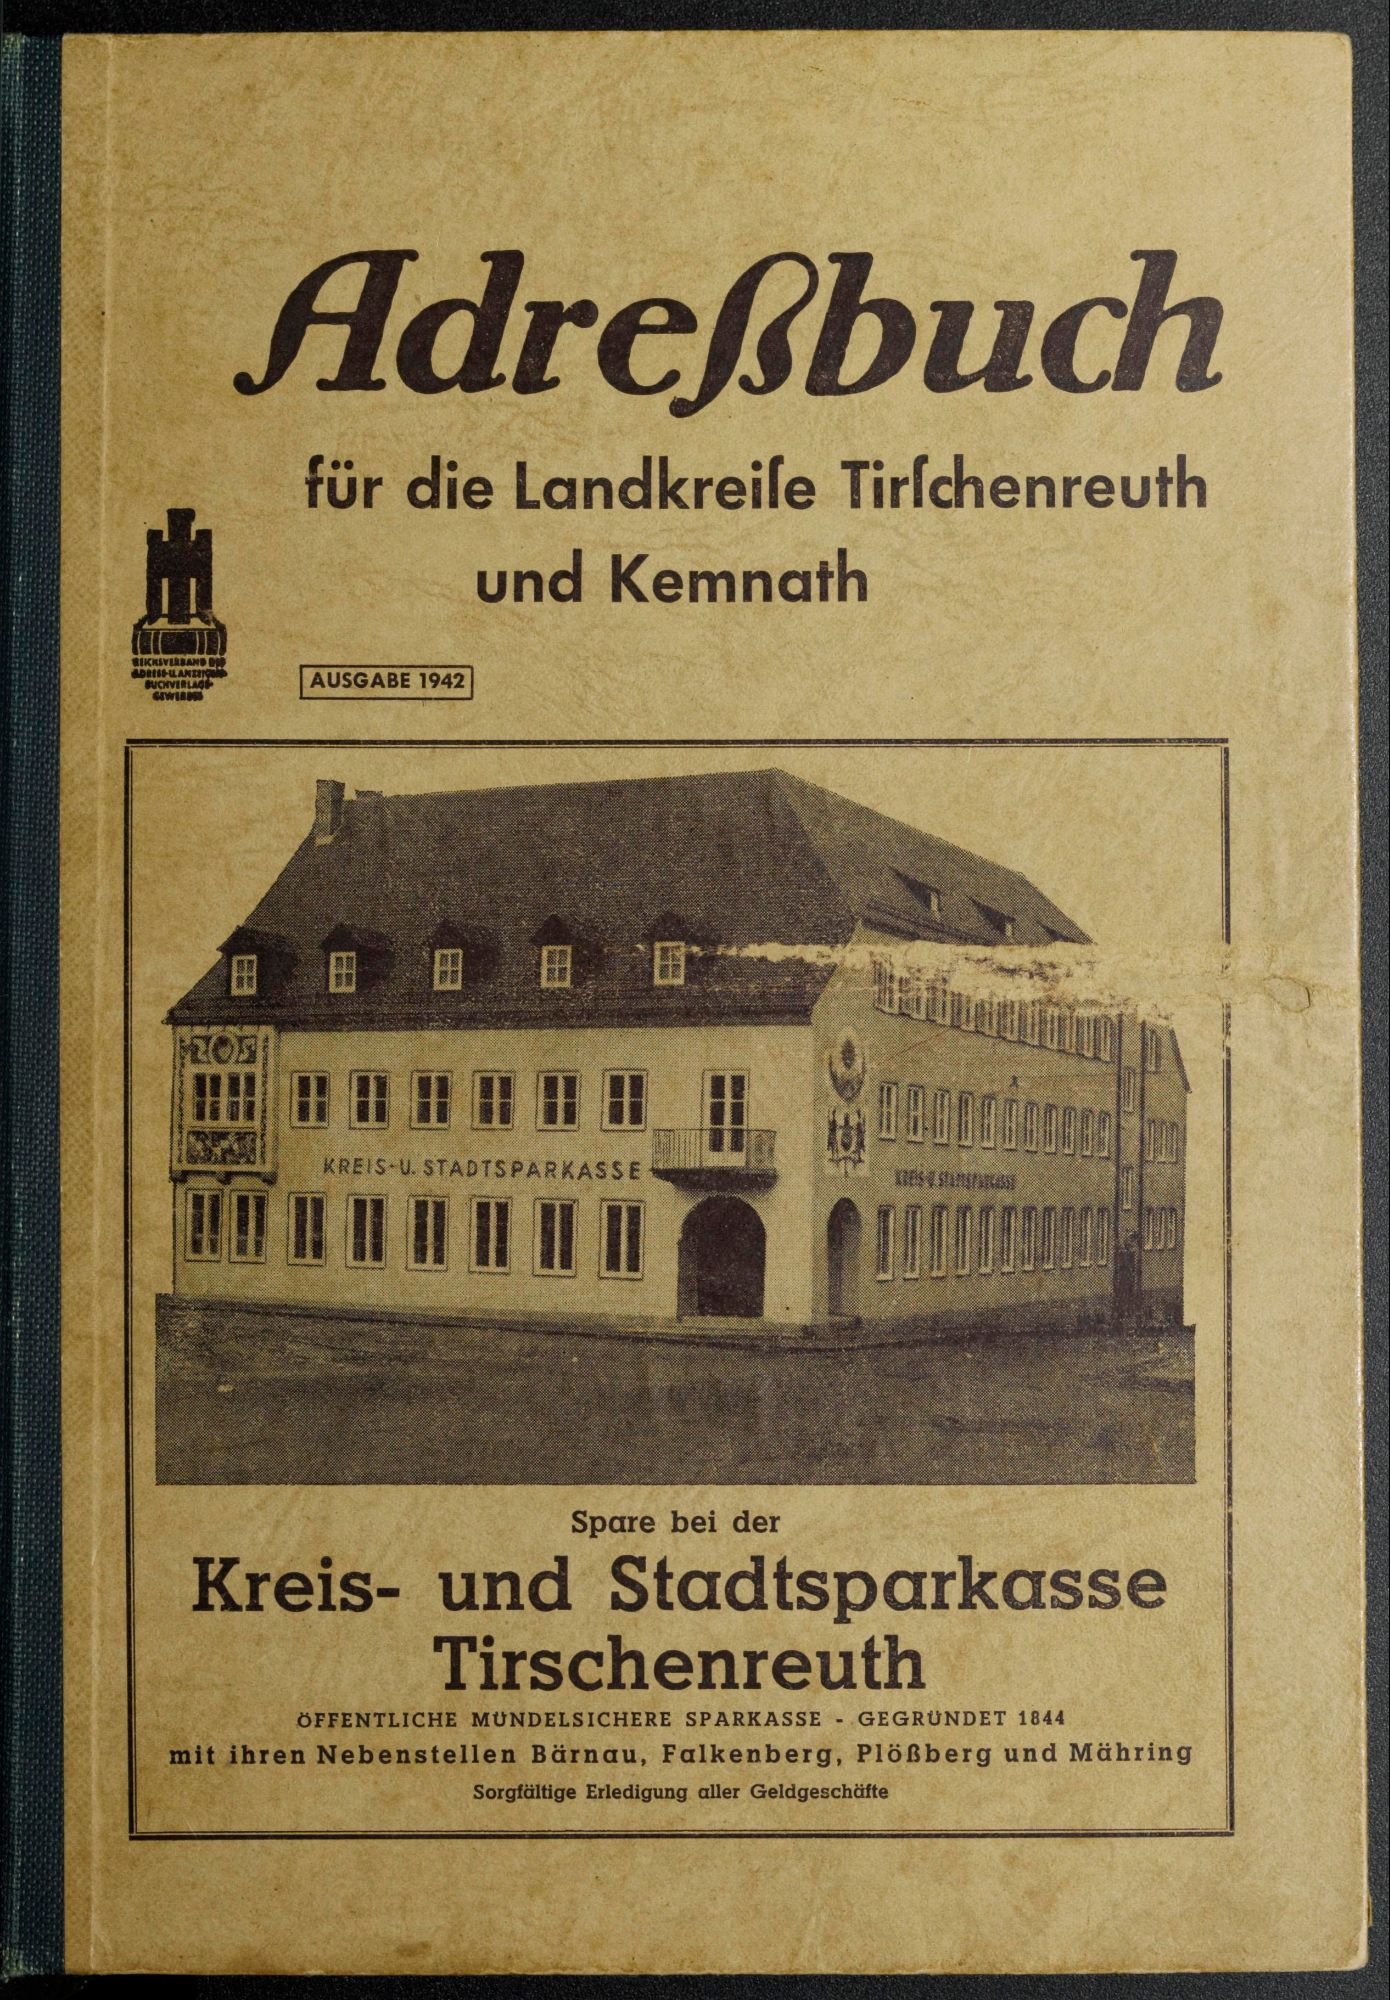 Adreßbuch für die Landkreise Tirschenreuth und Kemnath 1942